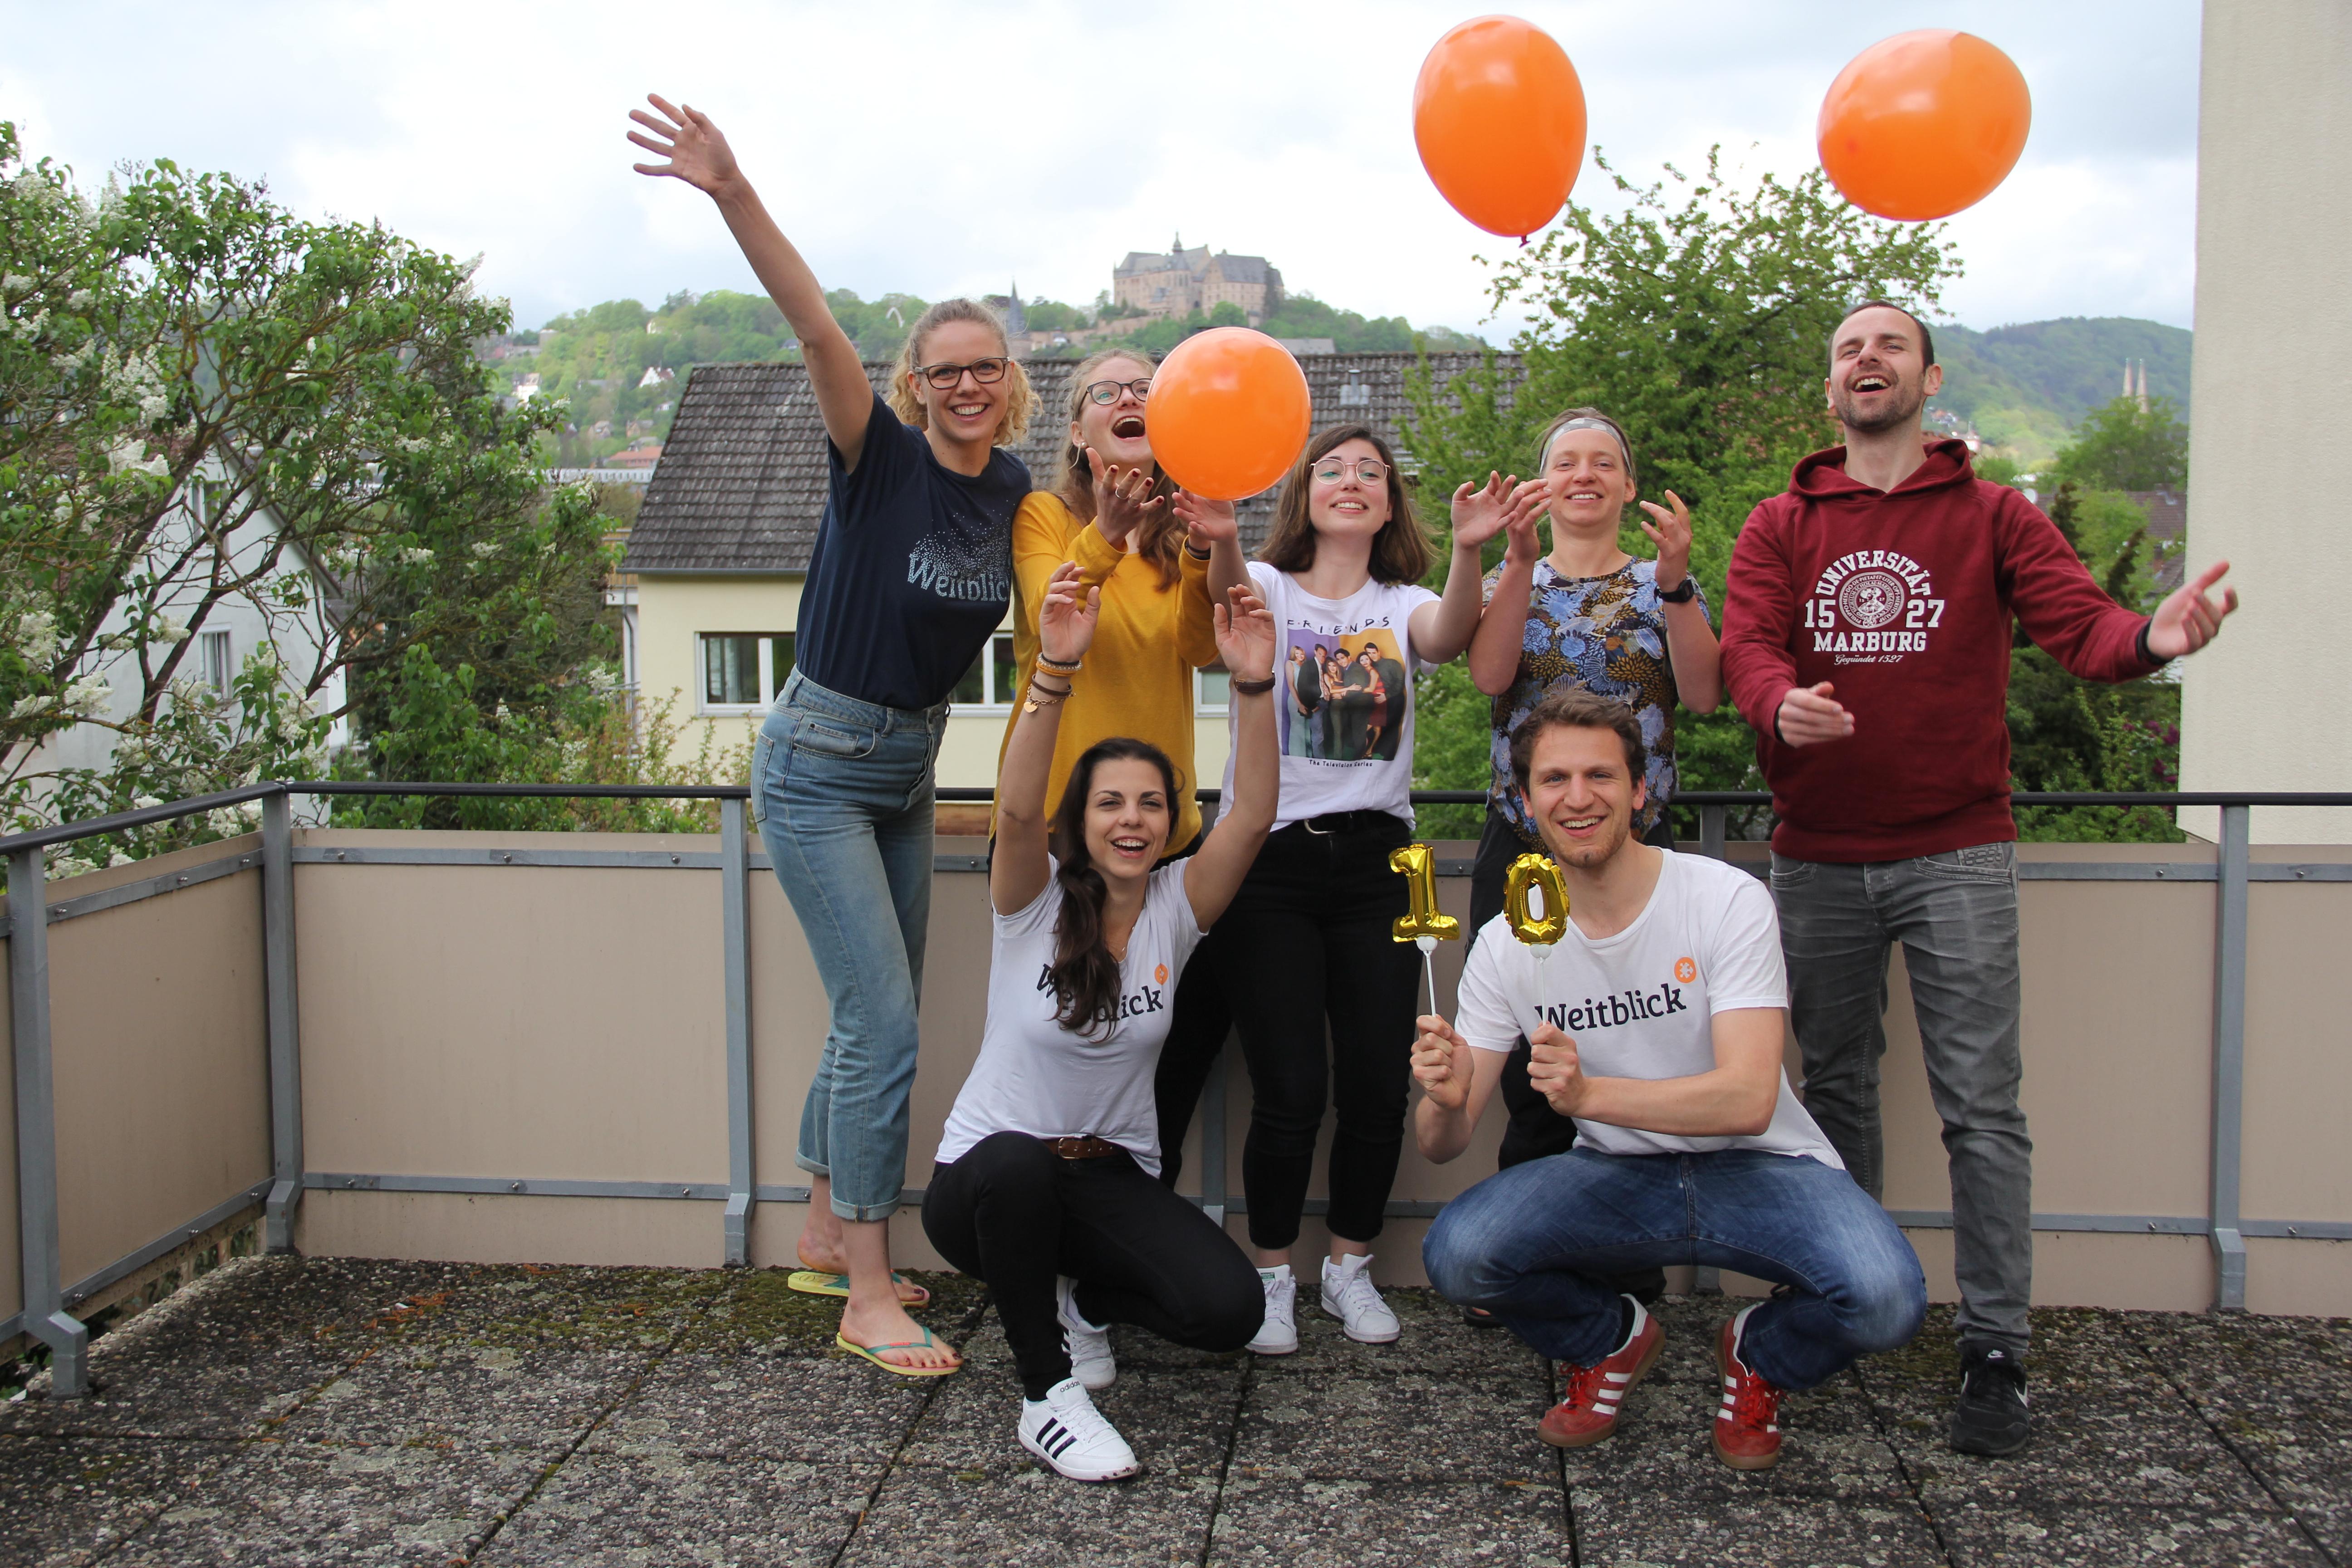 10 Jahre Weitblick Marburg